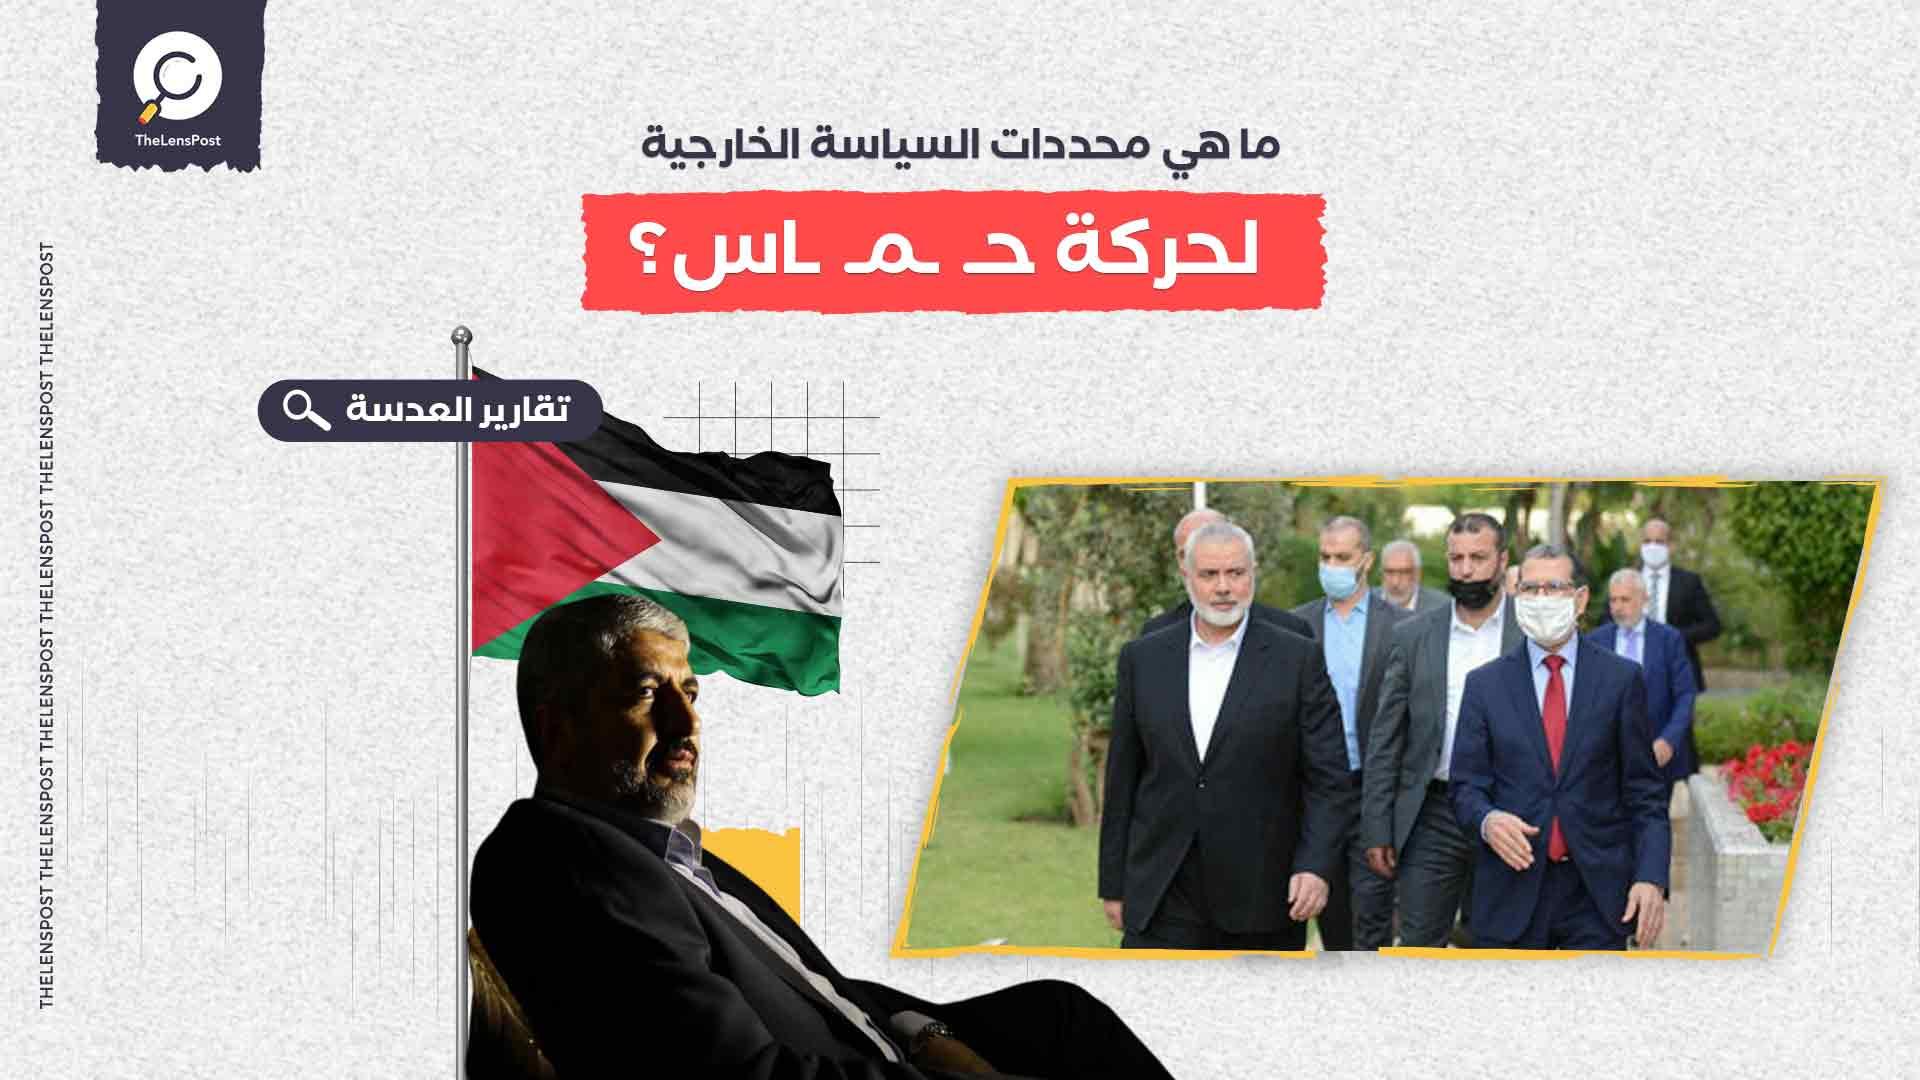 ما هي محددات السياسة الخارجية لحركة حماس؟